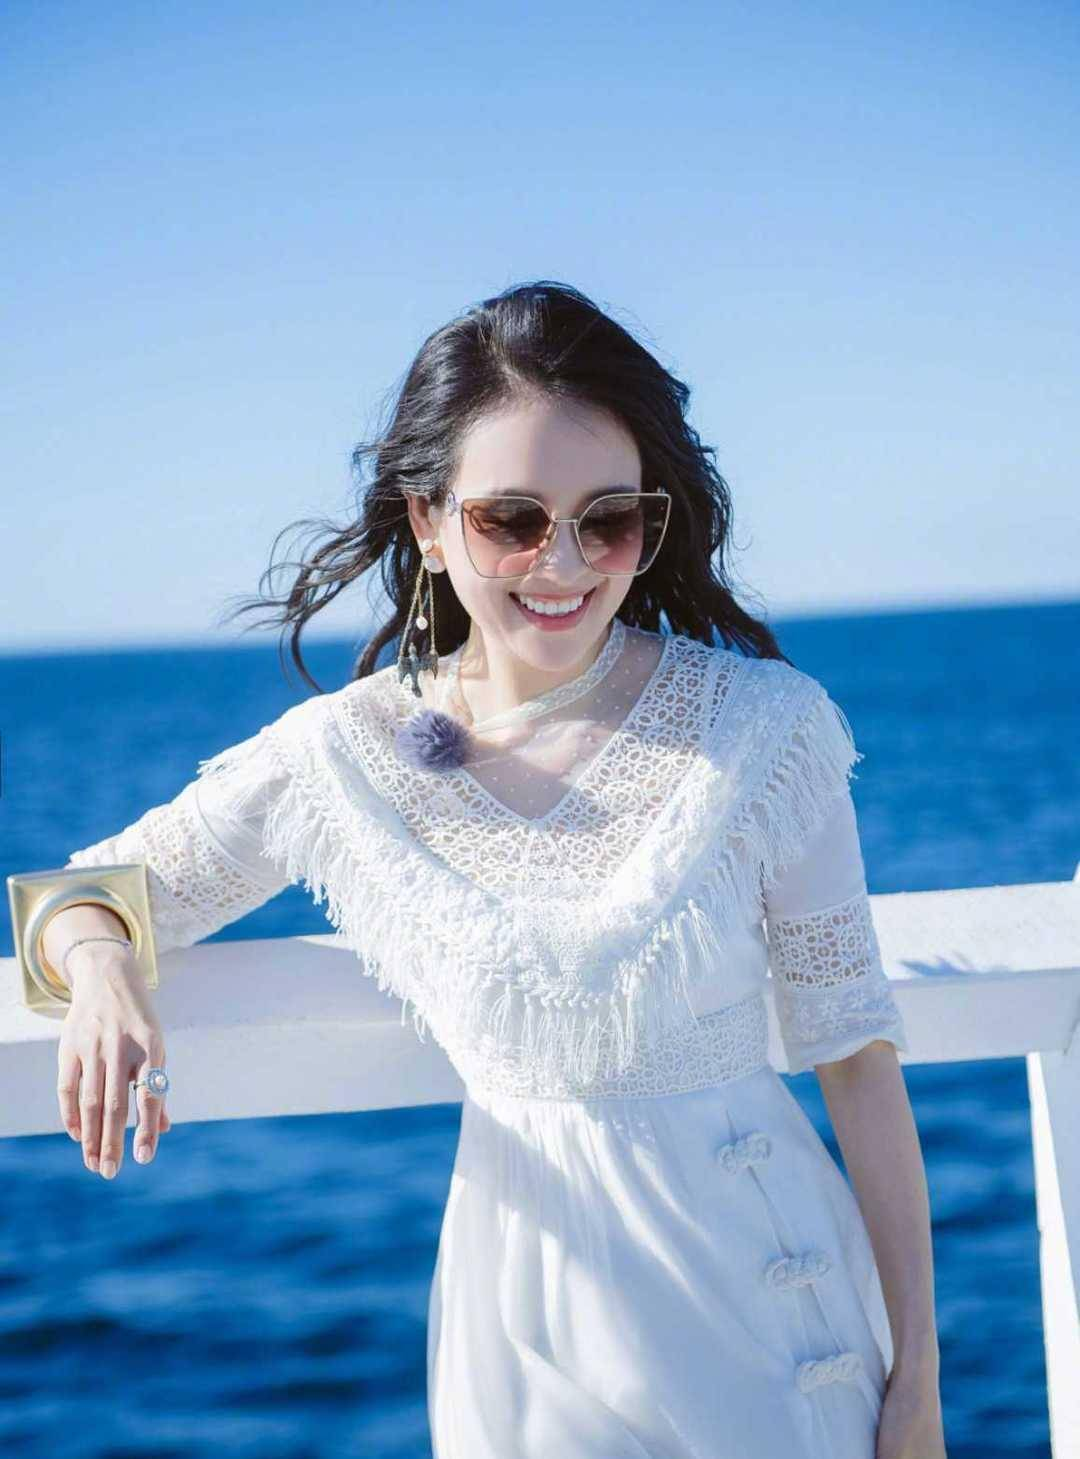 章子怡沙滩造型美爆,白色连衣裙配草帽好甜美,难怪汪峰那么爱她